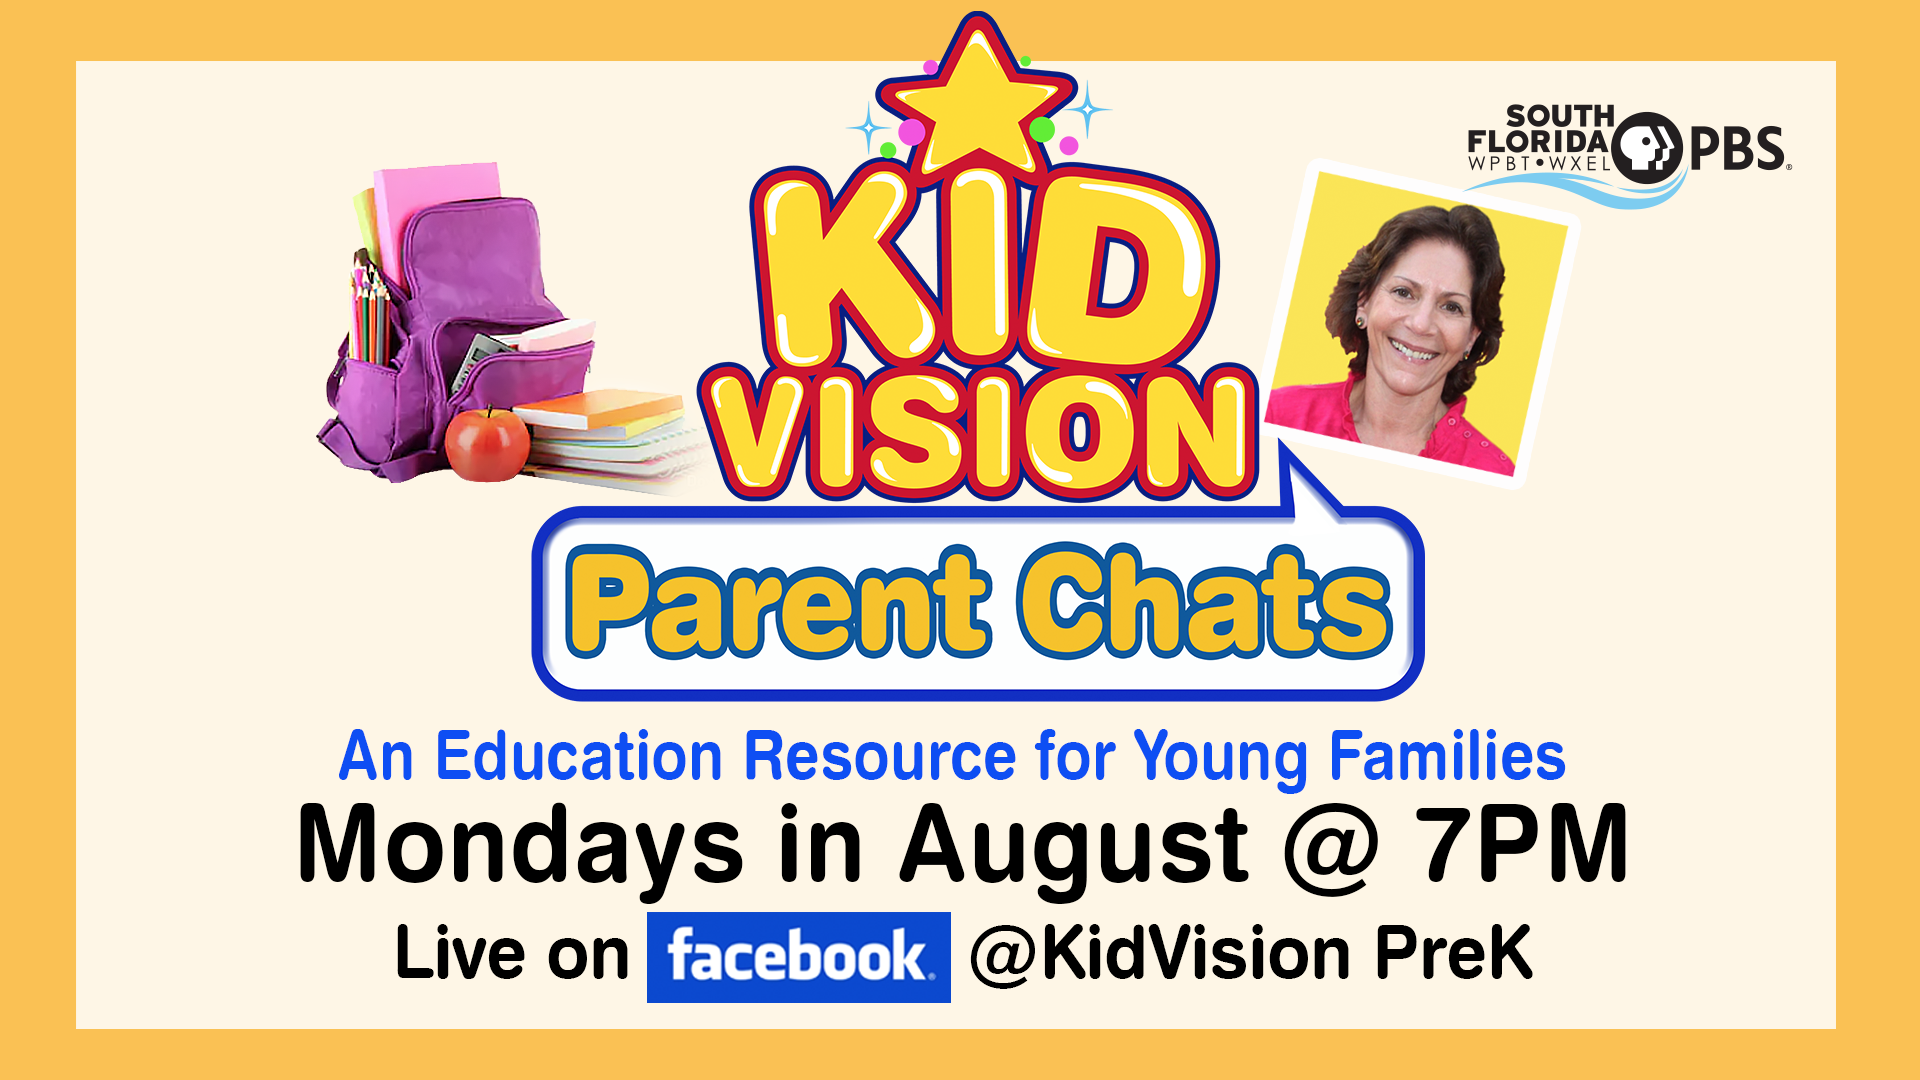 KidVision Parent Chats